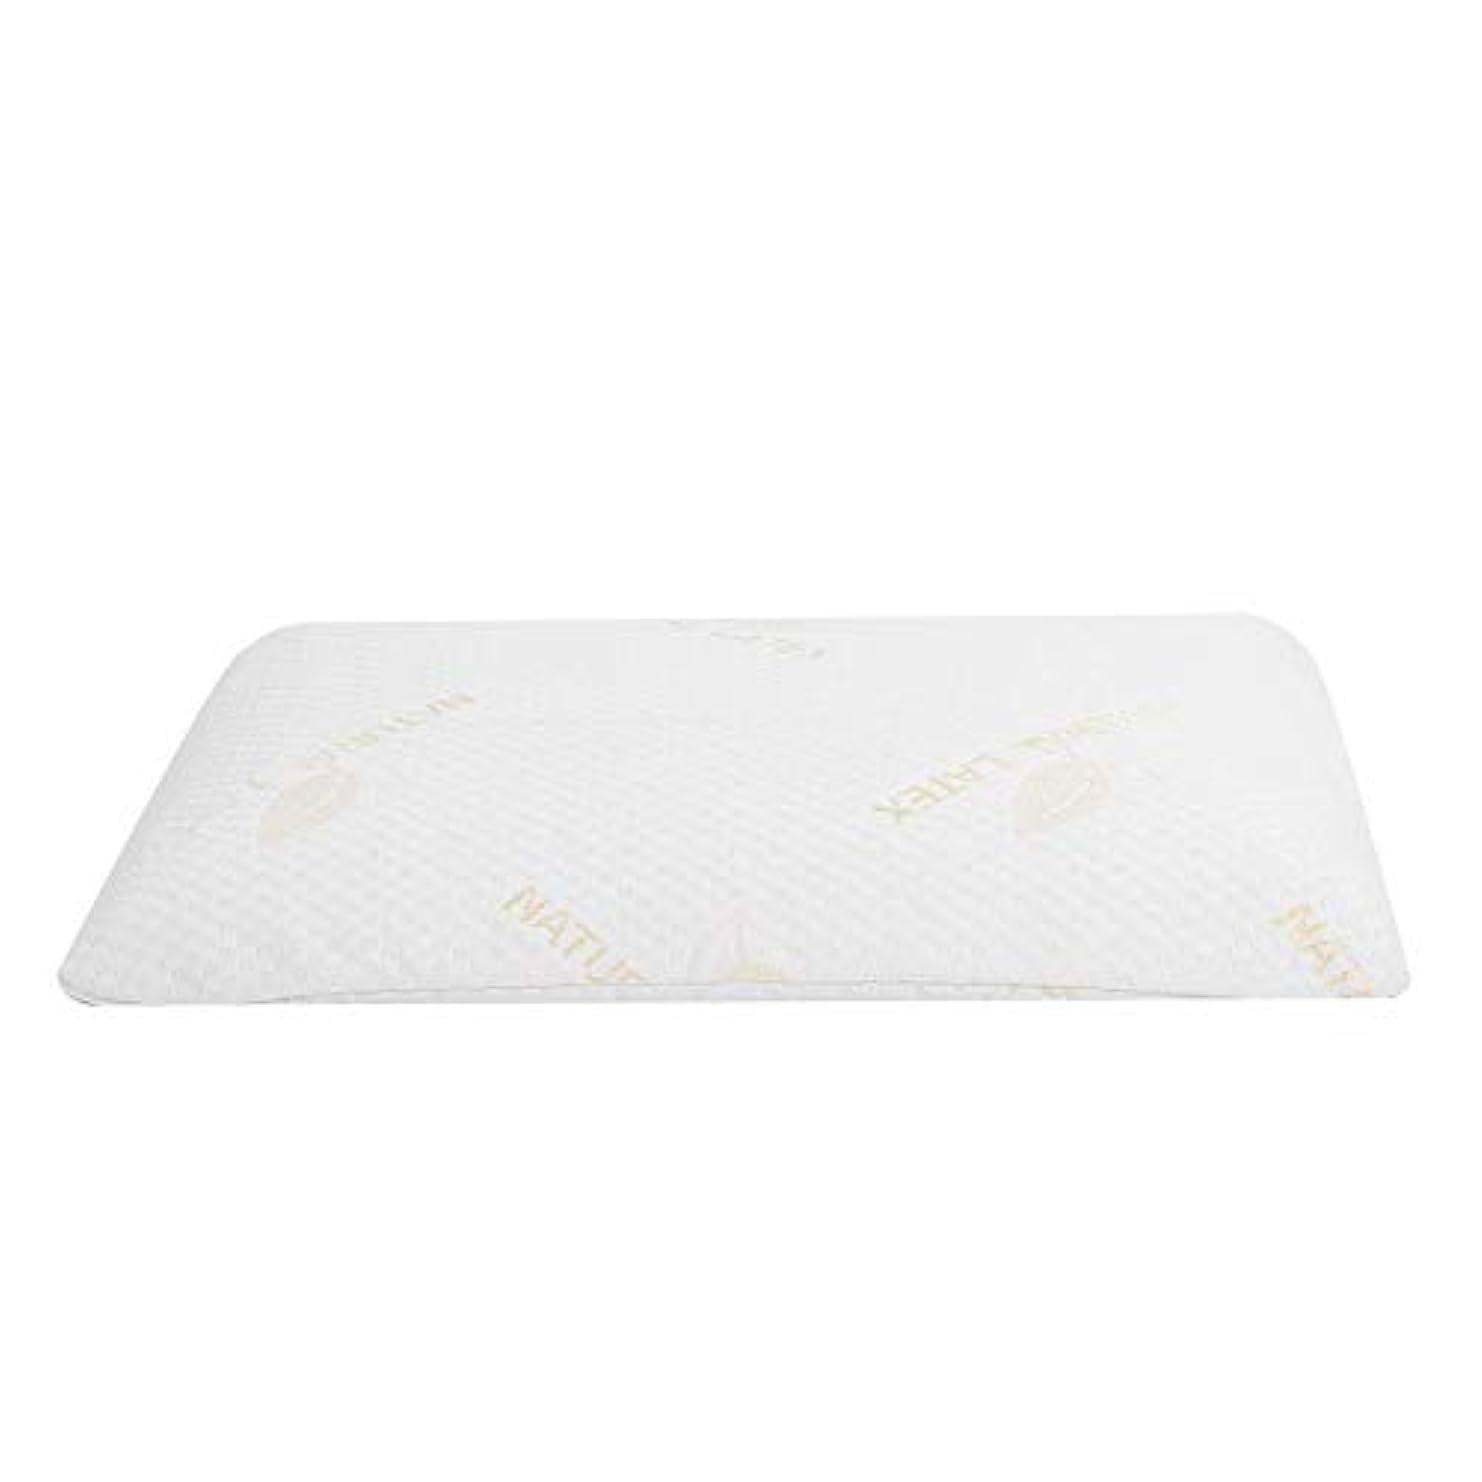 承認するキャメル降臨ラテックス枕、首と肩の痛みのための睡眠の自然な高い整形外科顆粒マッサージデザインのための豪華な記憶枕